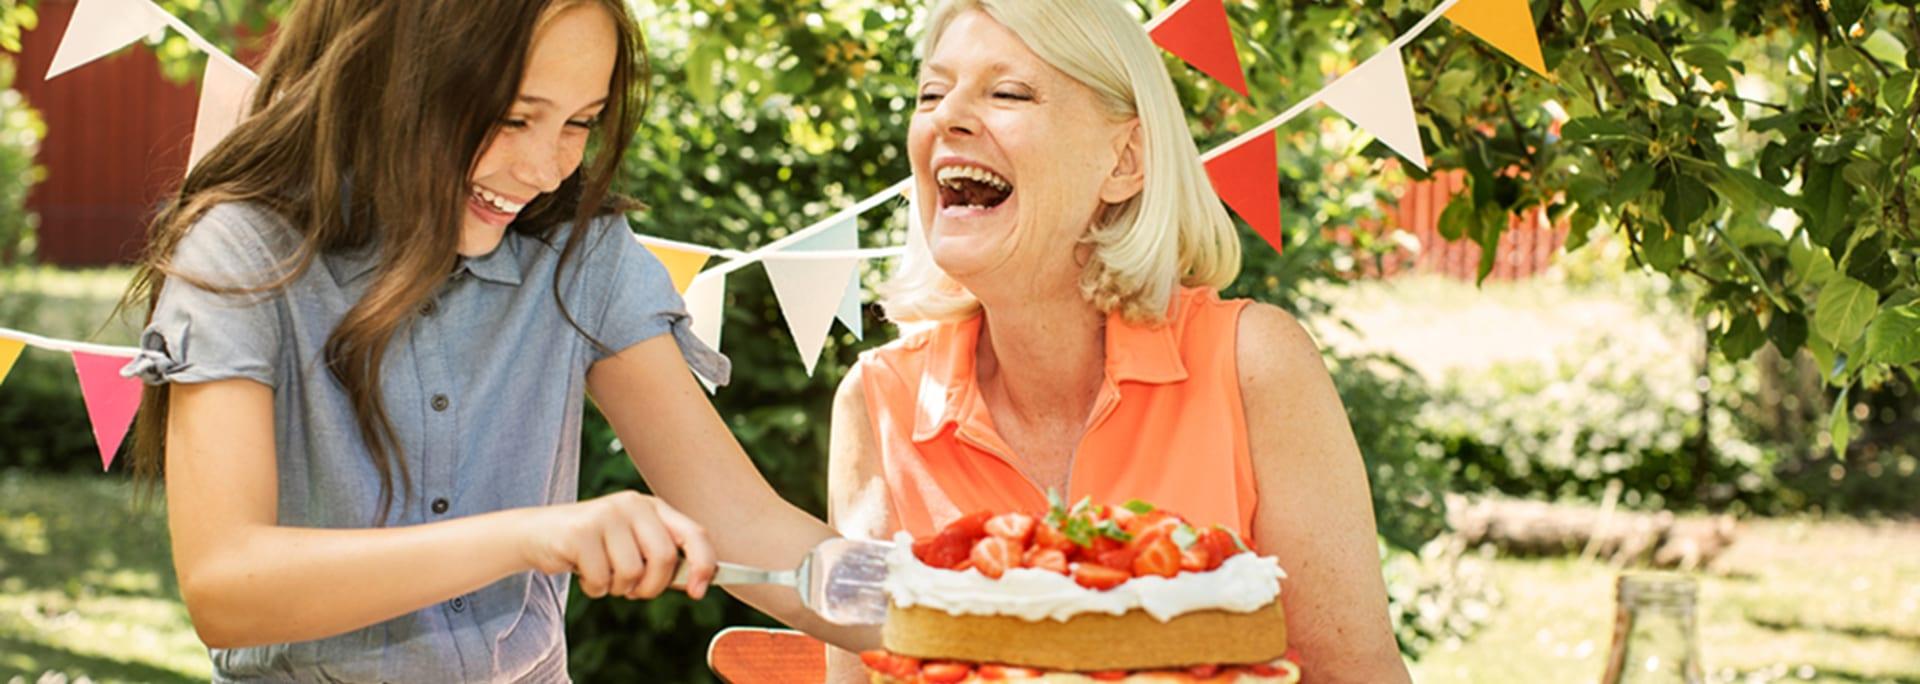 Tårtkalas i trädgården en solig sommardag